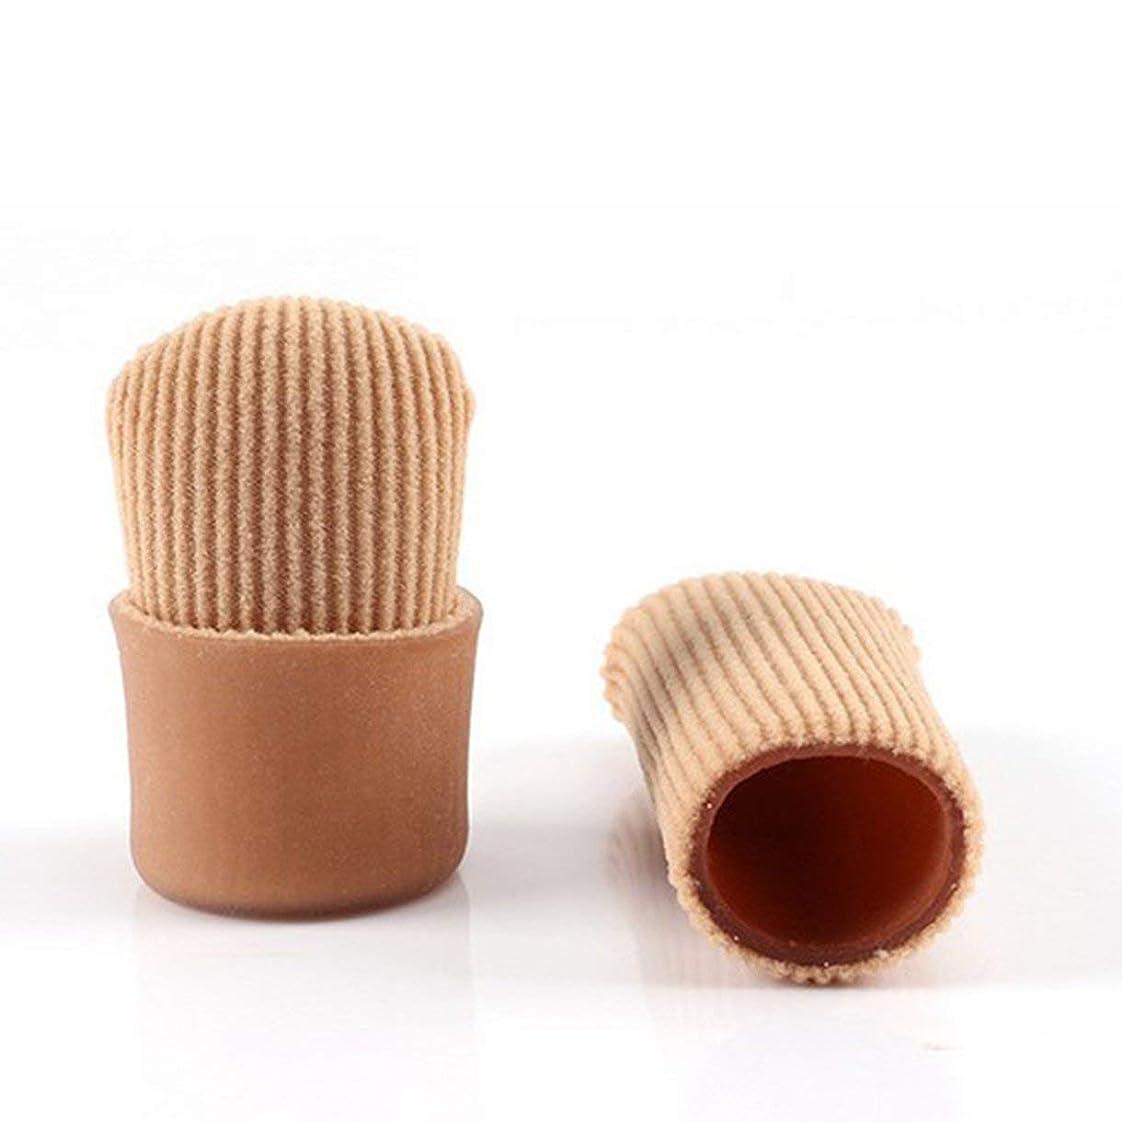 遠足マイコン控えめなOpen Toe Tubes Gel Lined Fabric Sleeve Protectors To Prevent Corns, Calluses And Blisters While Softening And Soothing Skin